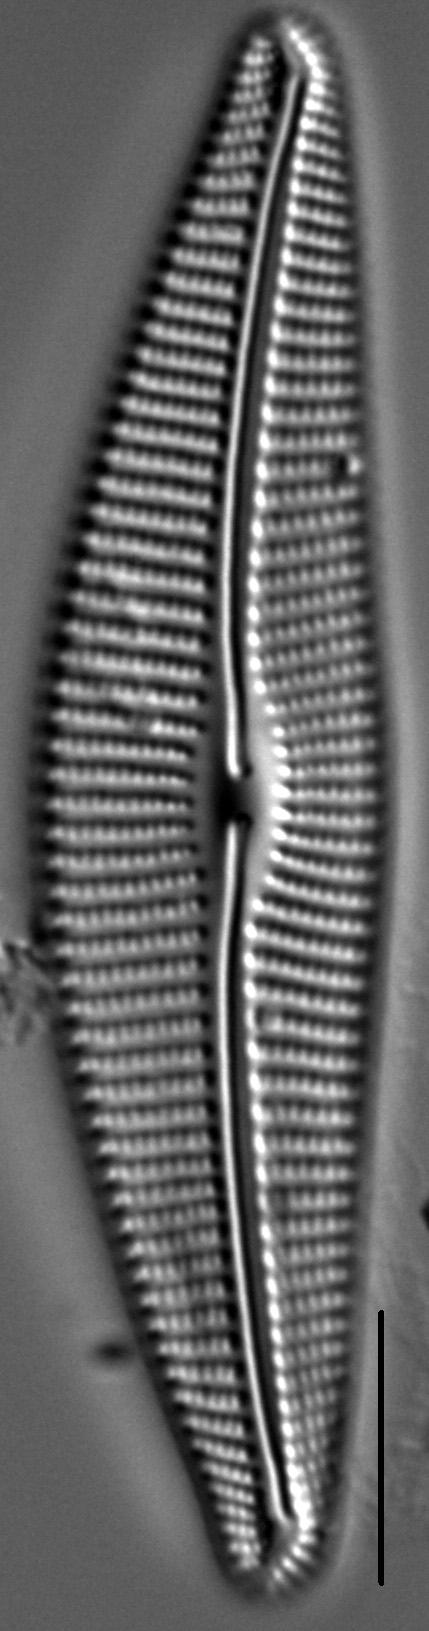 Cymbella Compacta2